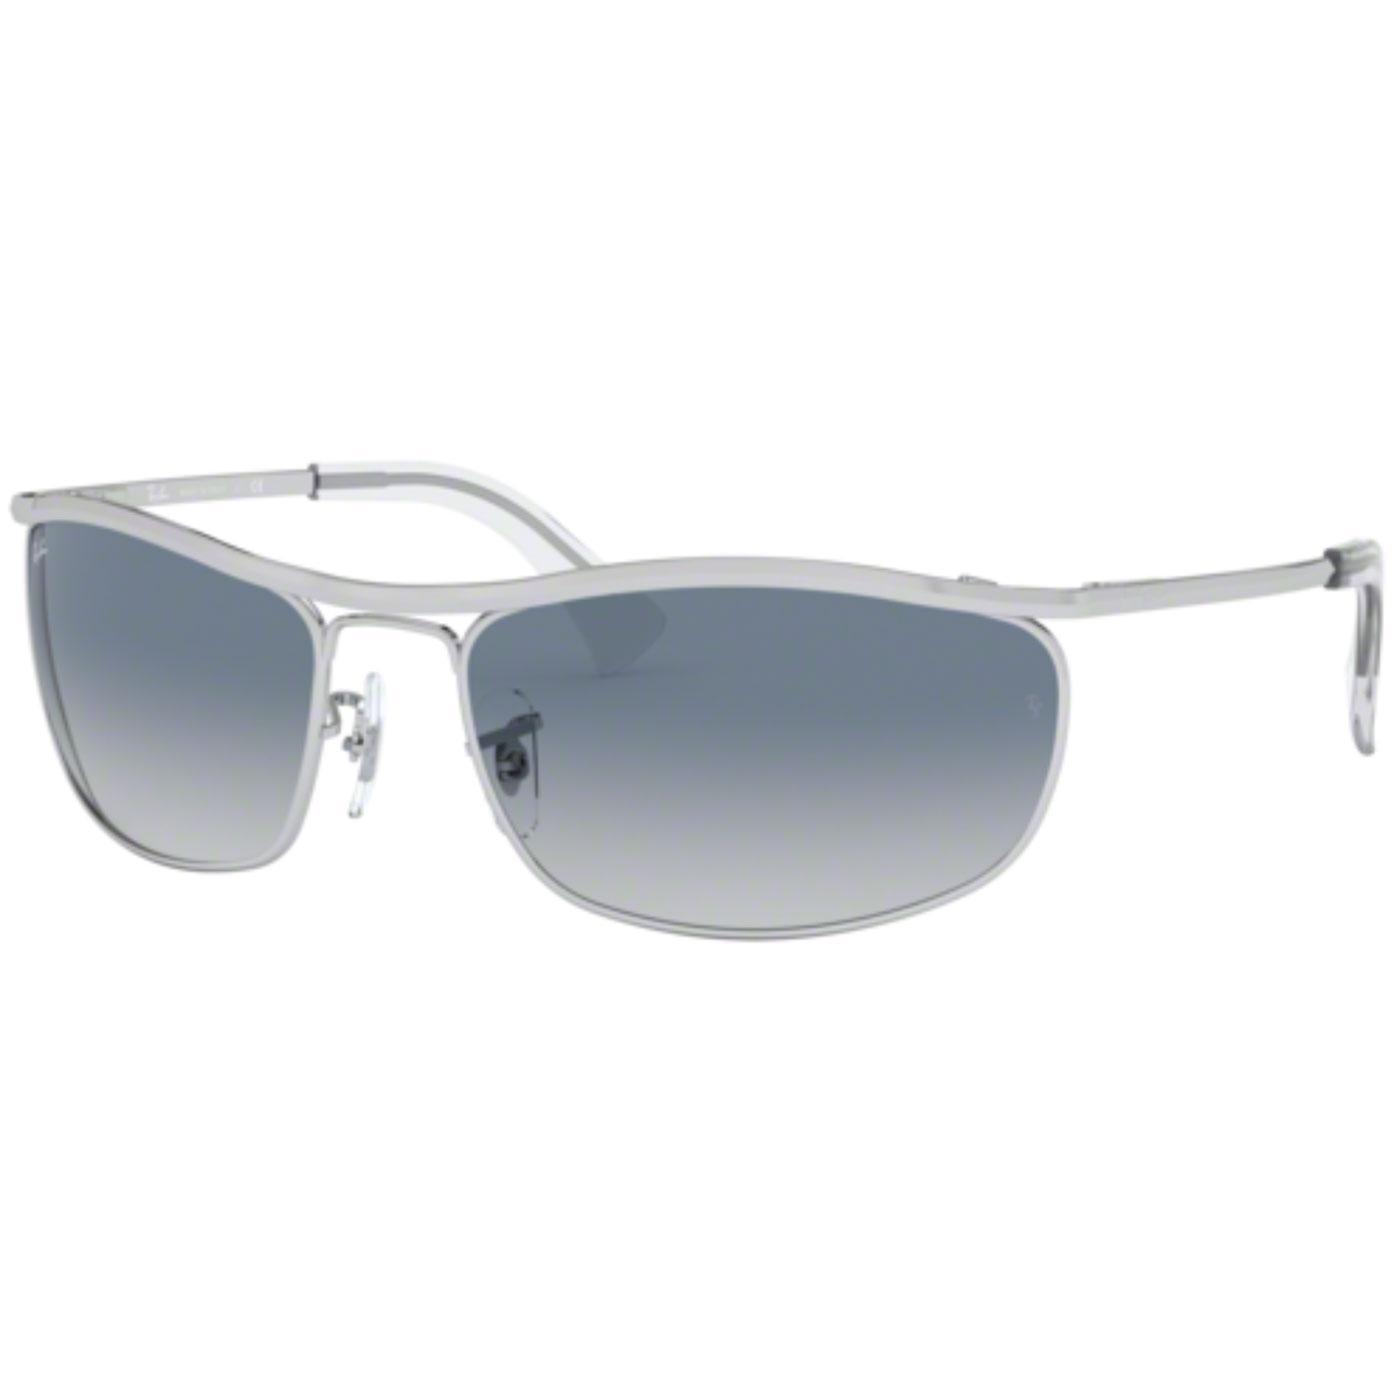 Olympian Ray-Ban Retro 70s Mod Icons Sunglasses S